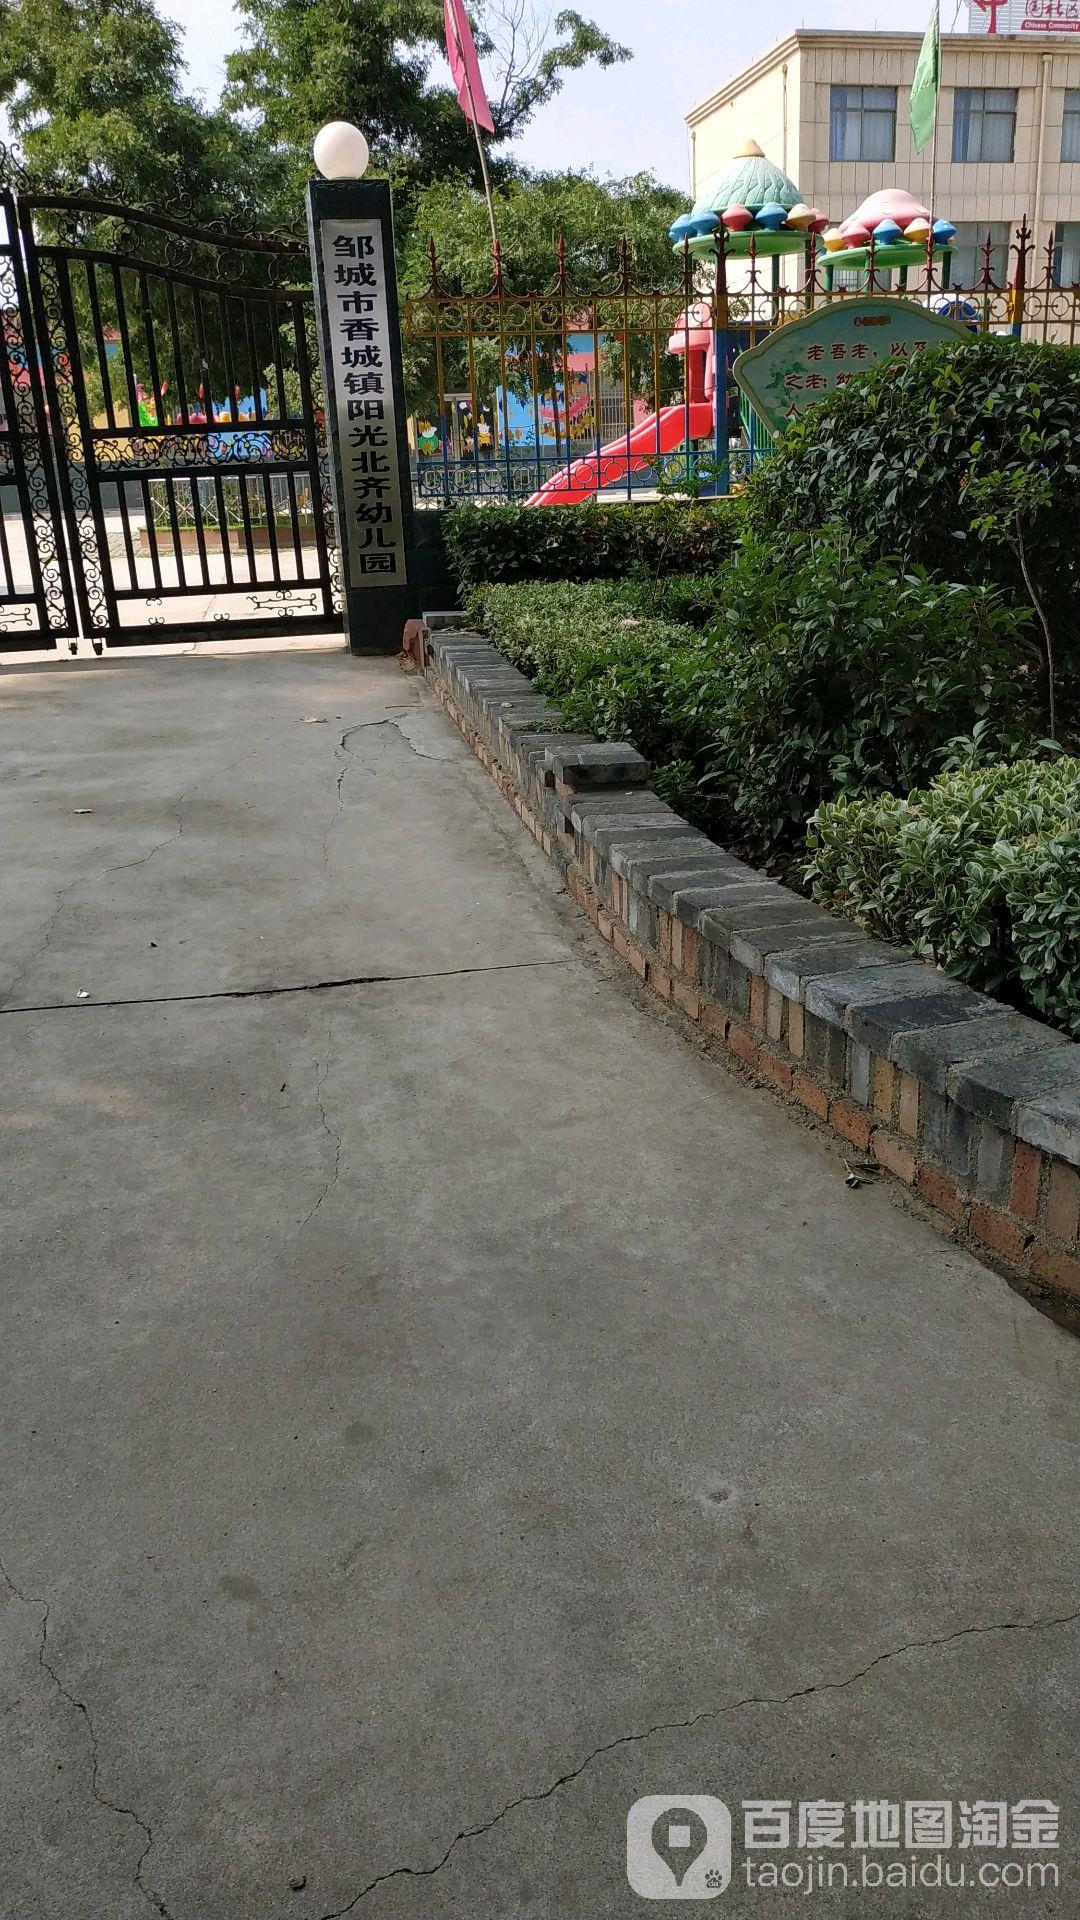 邹城市香城镇阳光北齐幼儿园